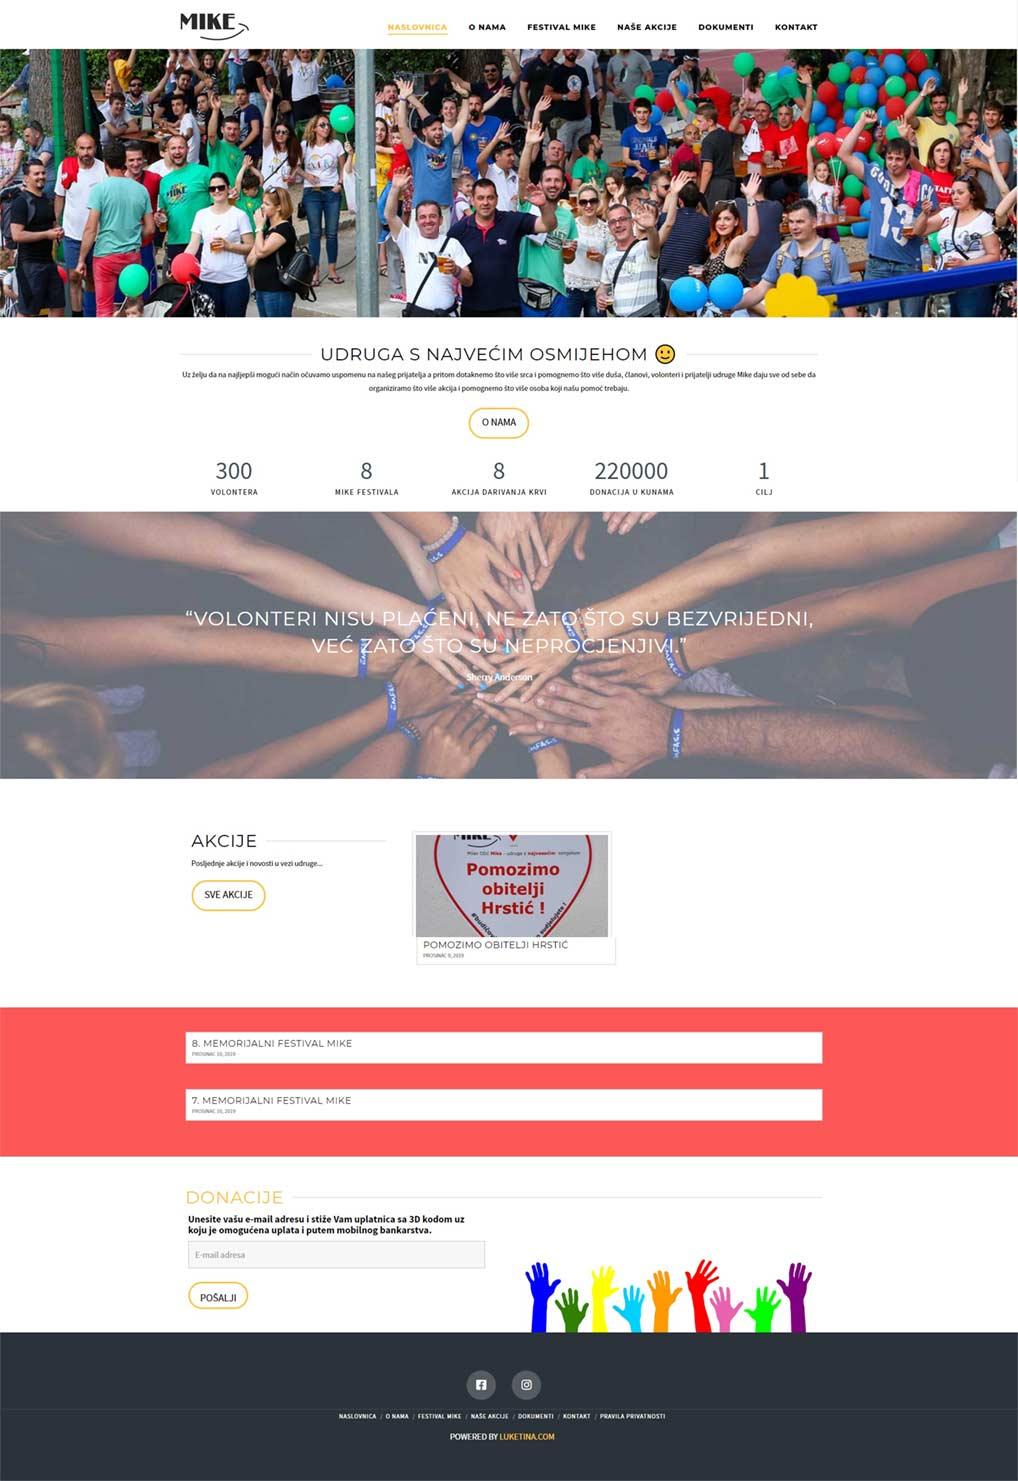 Luketina.com portfolio udruga Mike Makarska